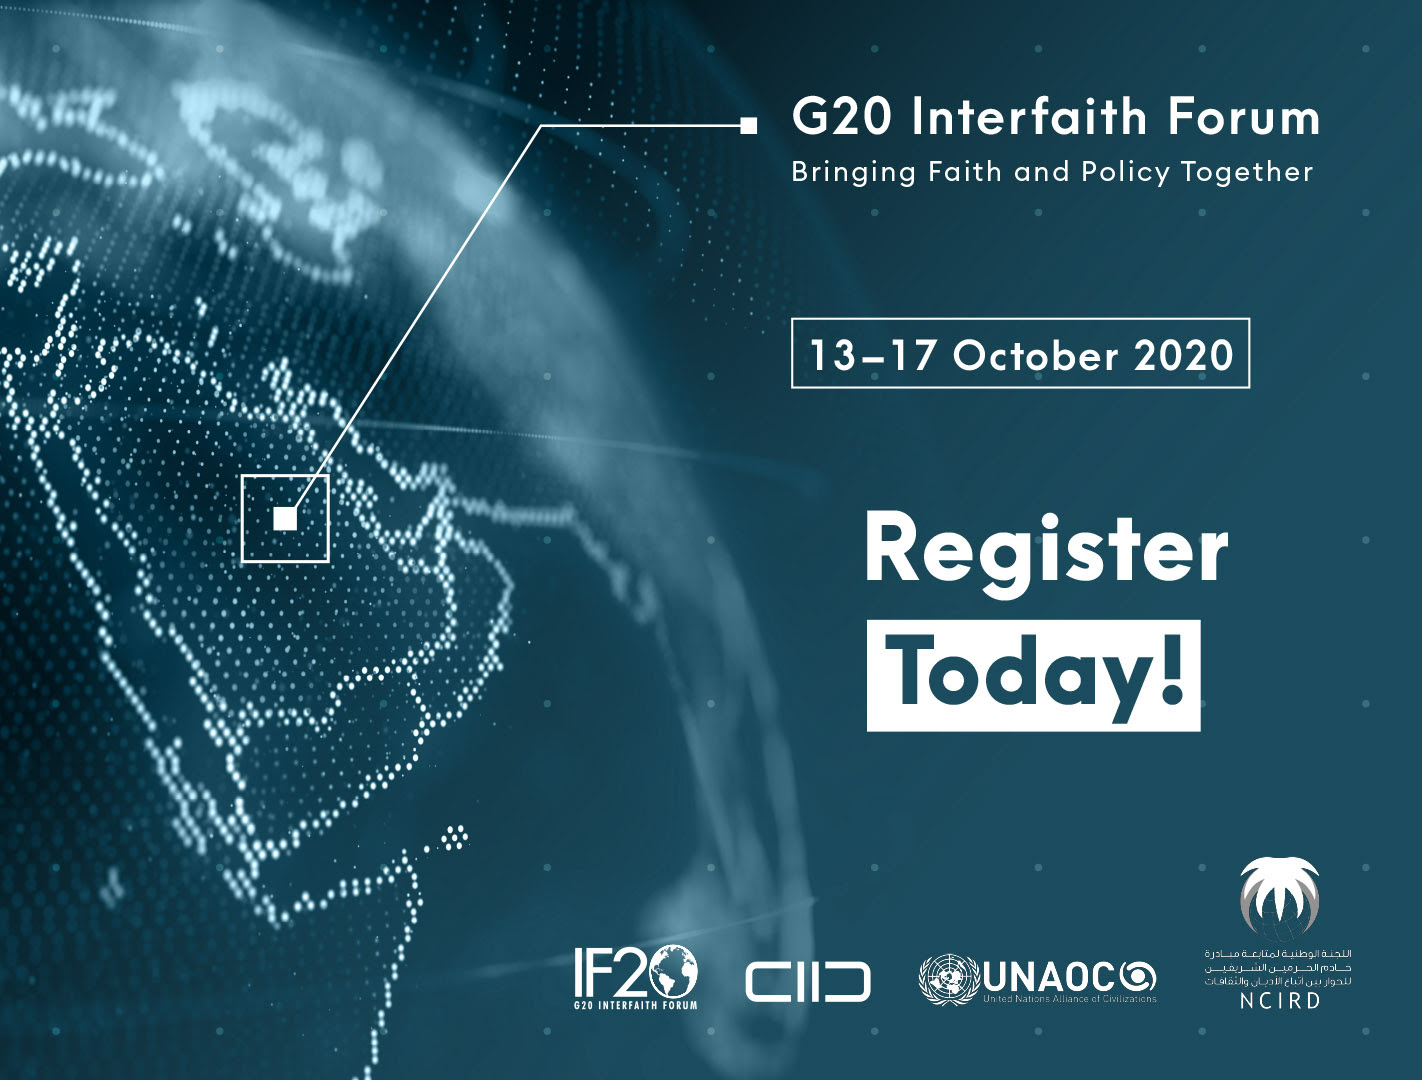 Kaiciid y el G20